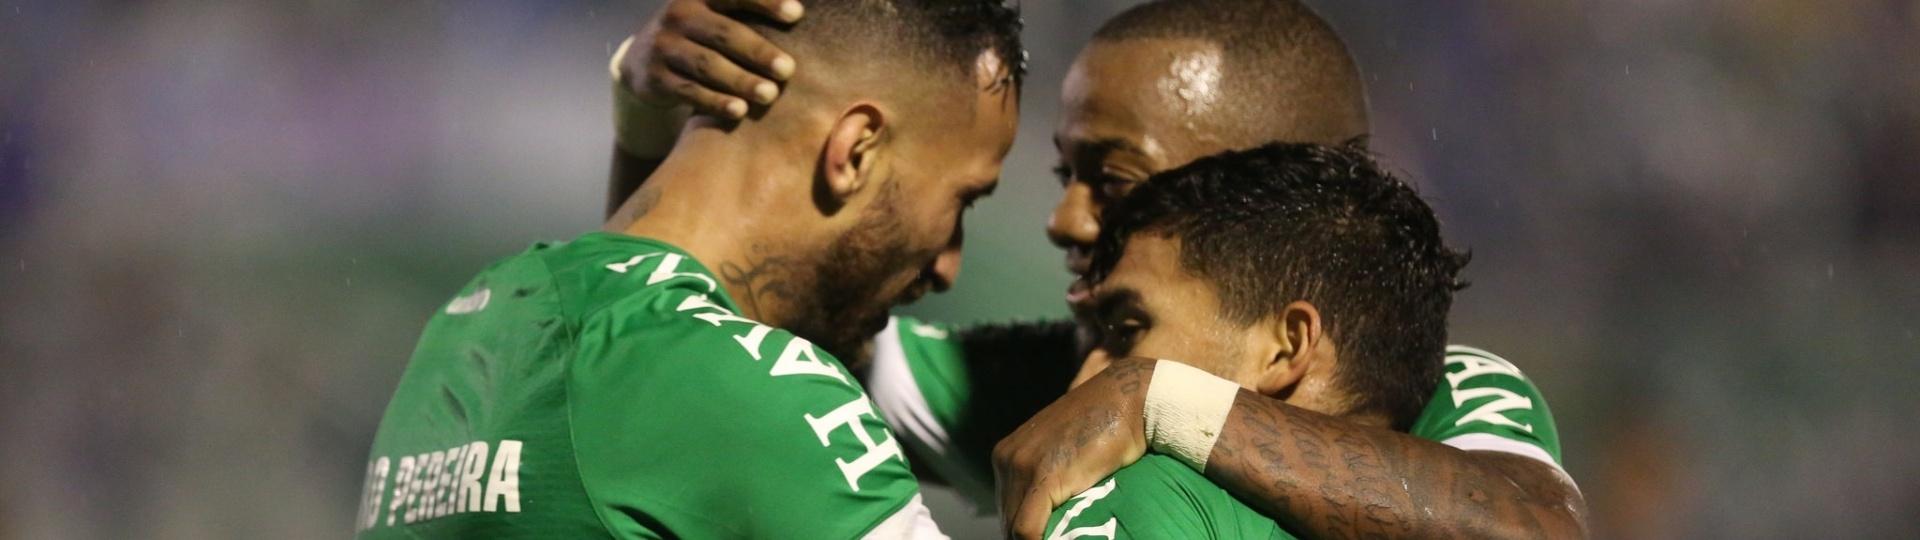 Jogadores da Chapecoense comemoram gol de Leandro Pereira contra Atlético-PR